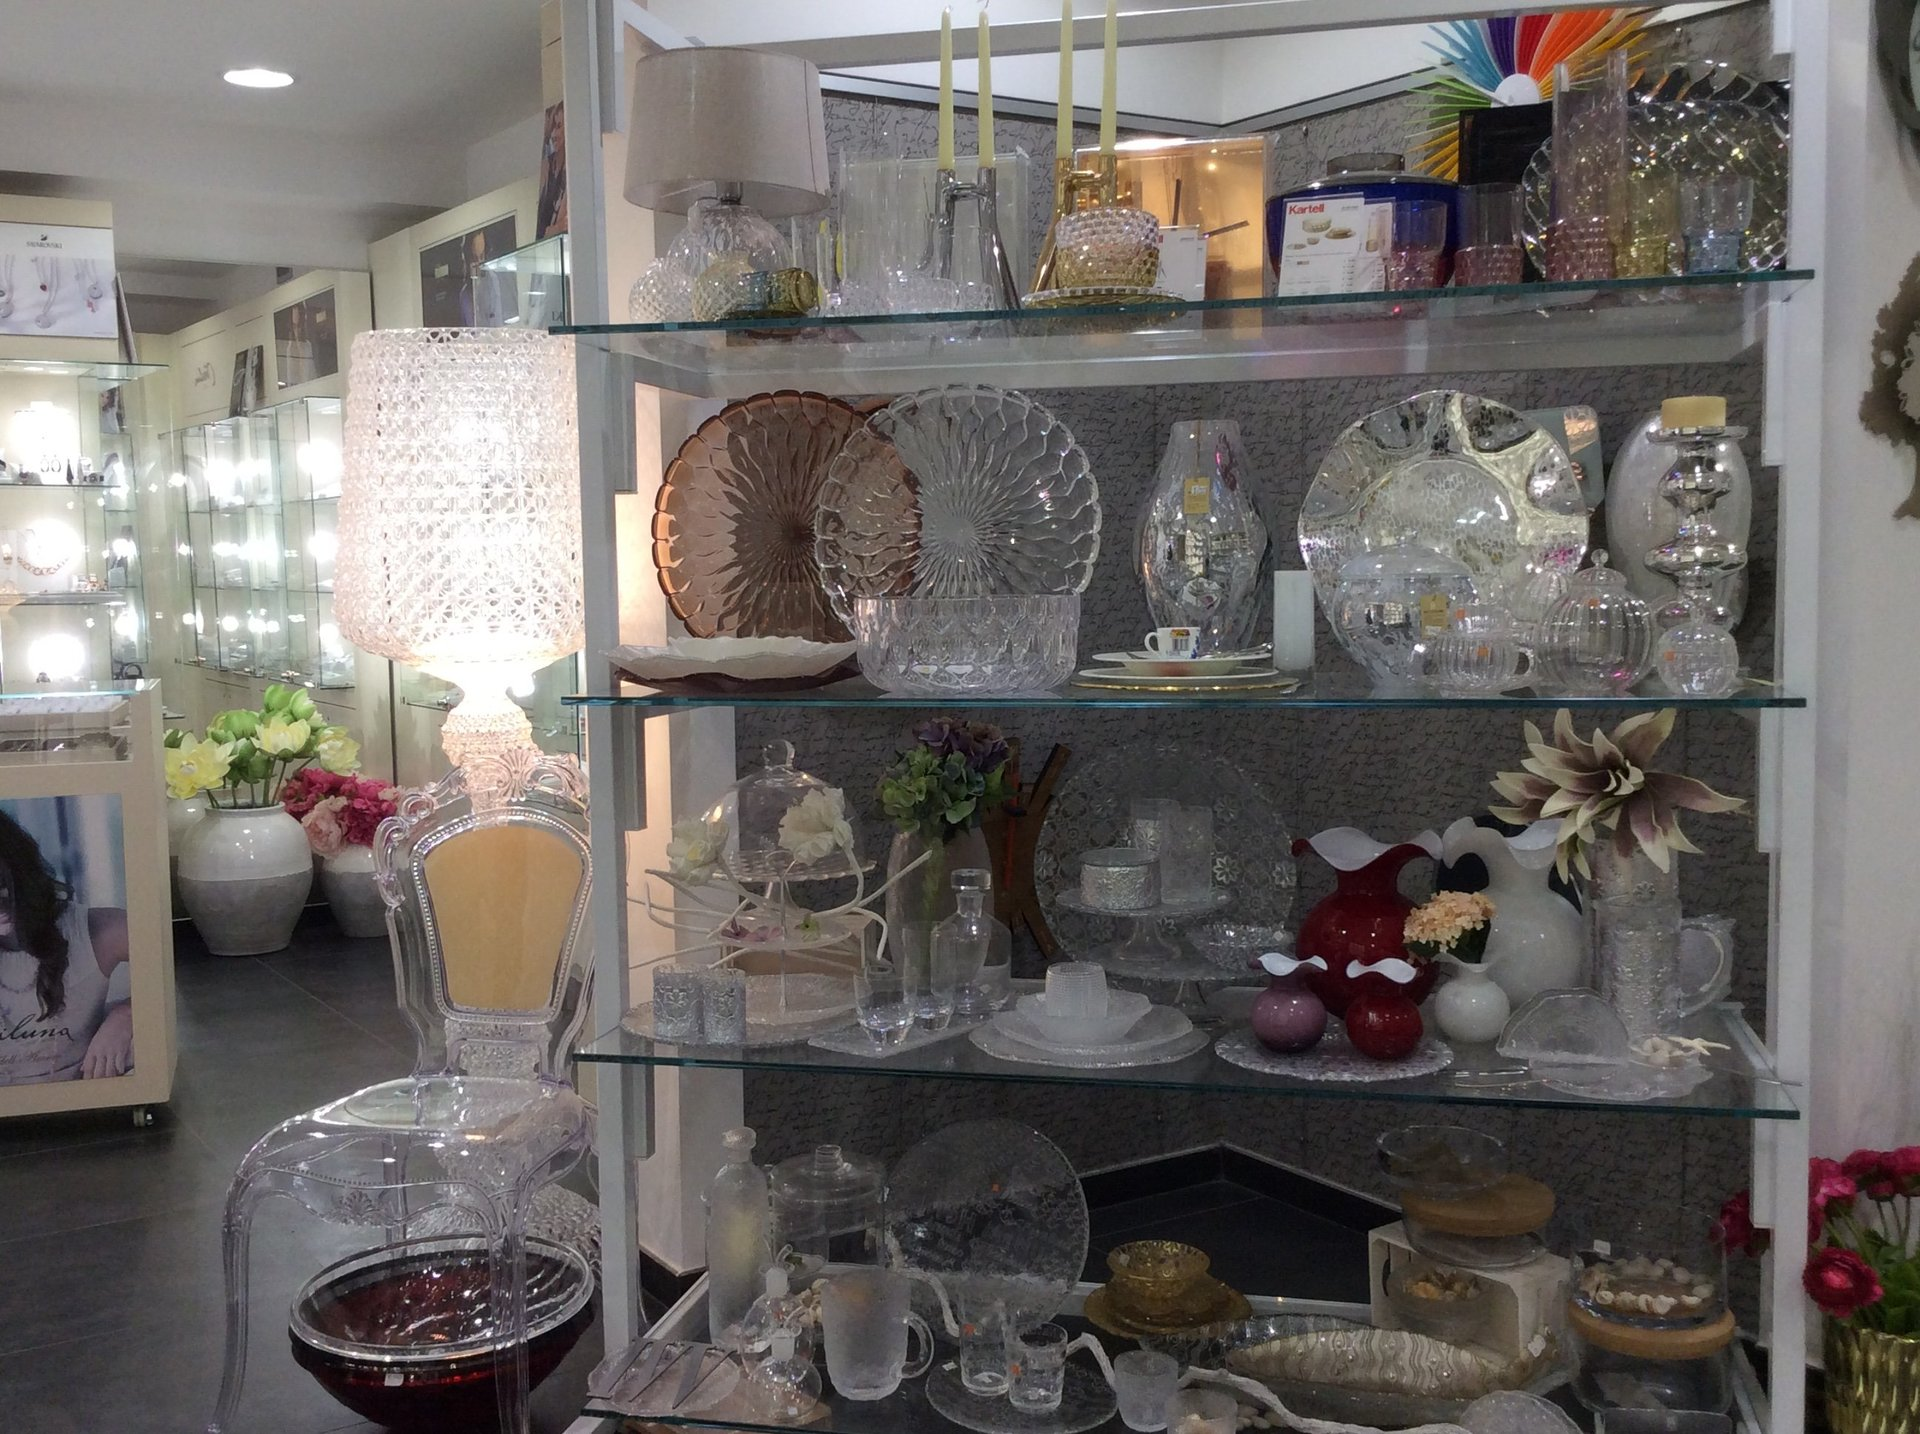 esposizione di vasoi e centro tavola per lista nozze